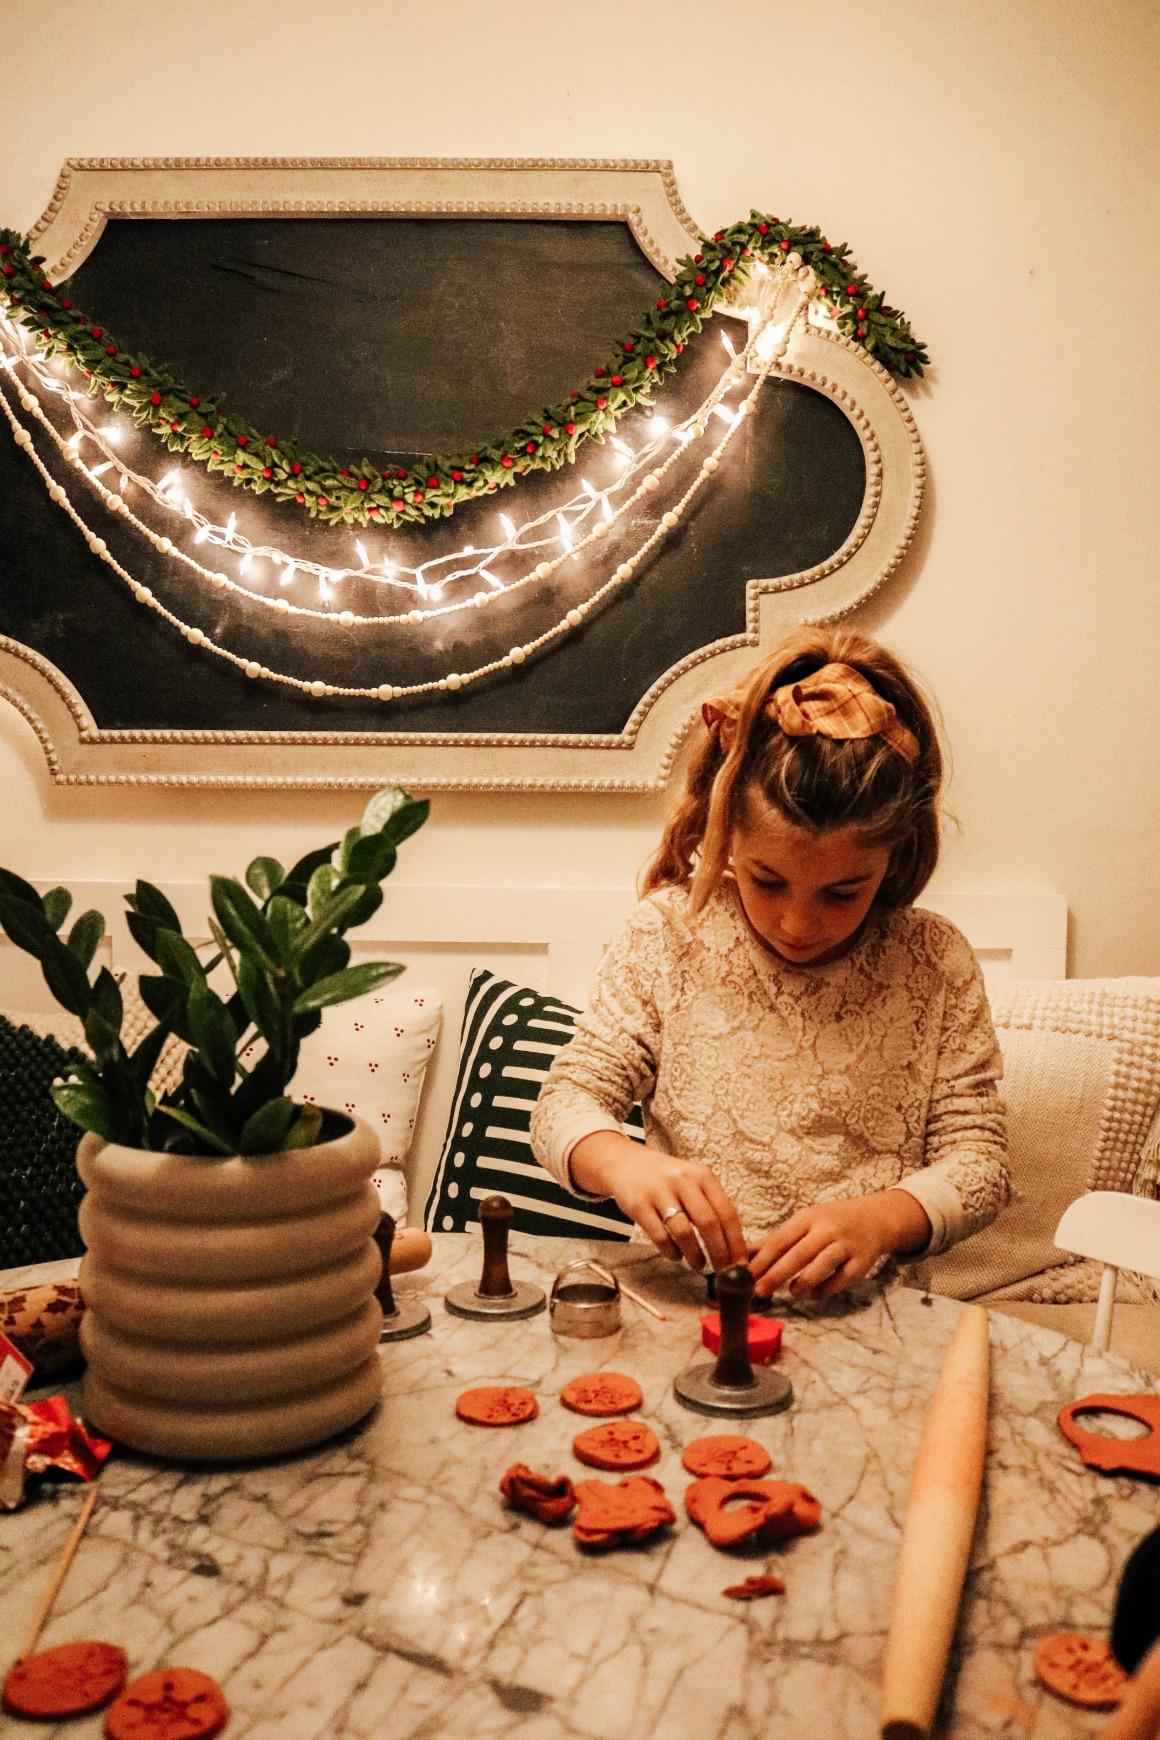 DIY Christmas Ornament or Gift Tag